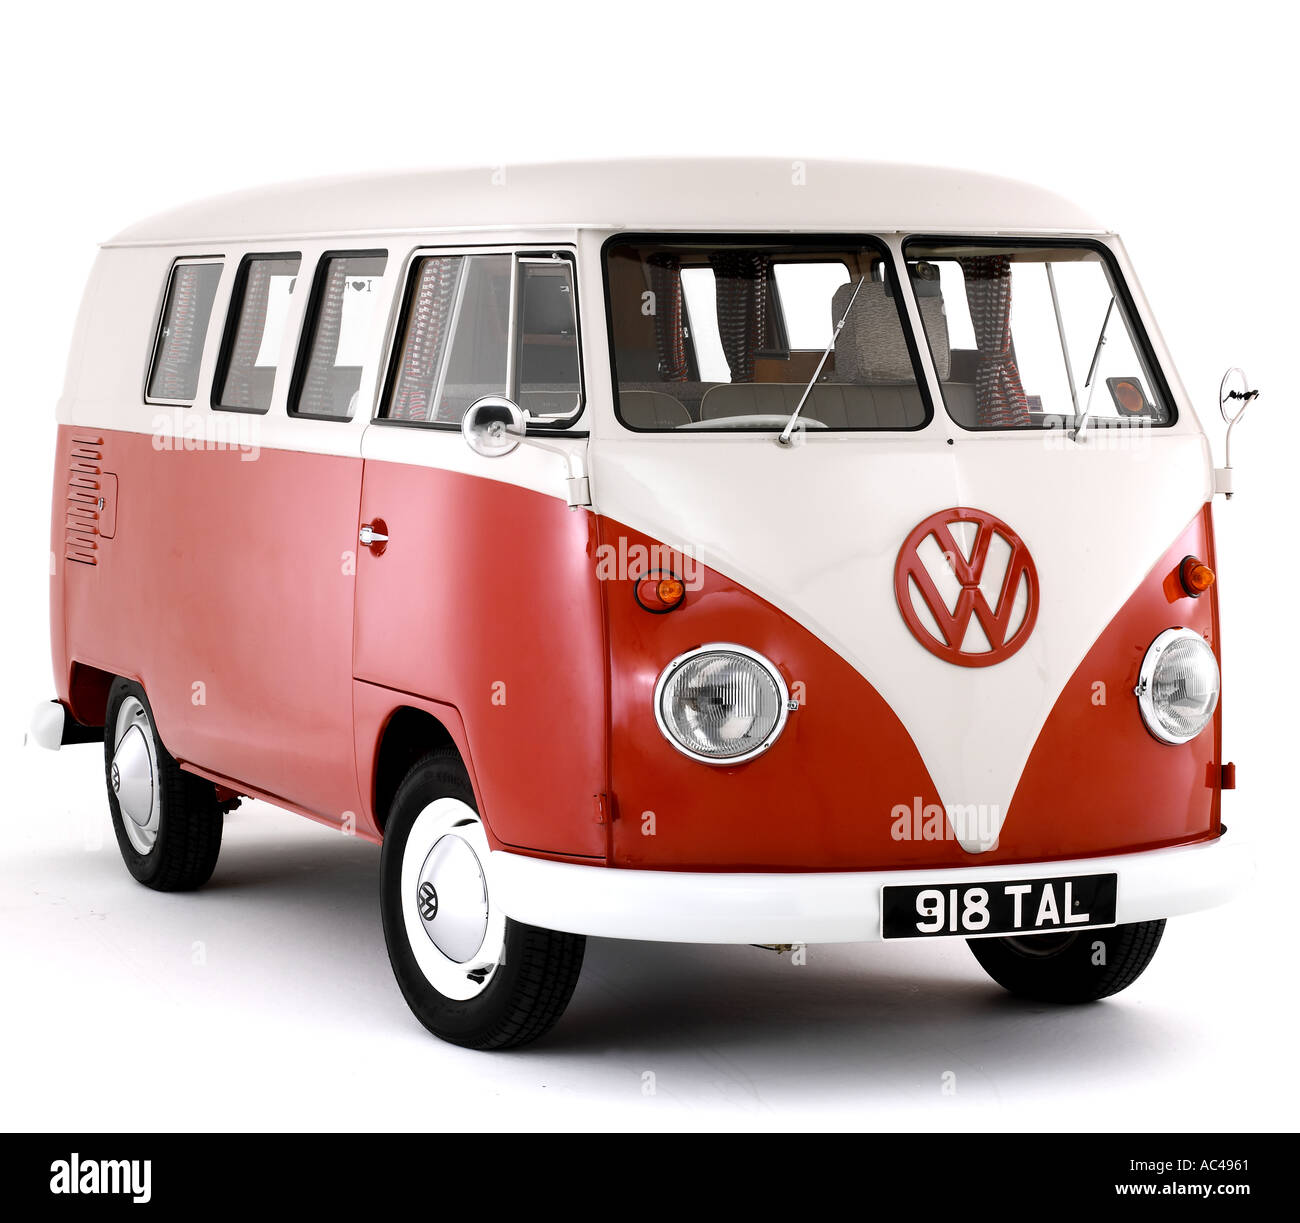 1963 Volkswagen Devon Camper van - Stock Image